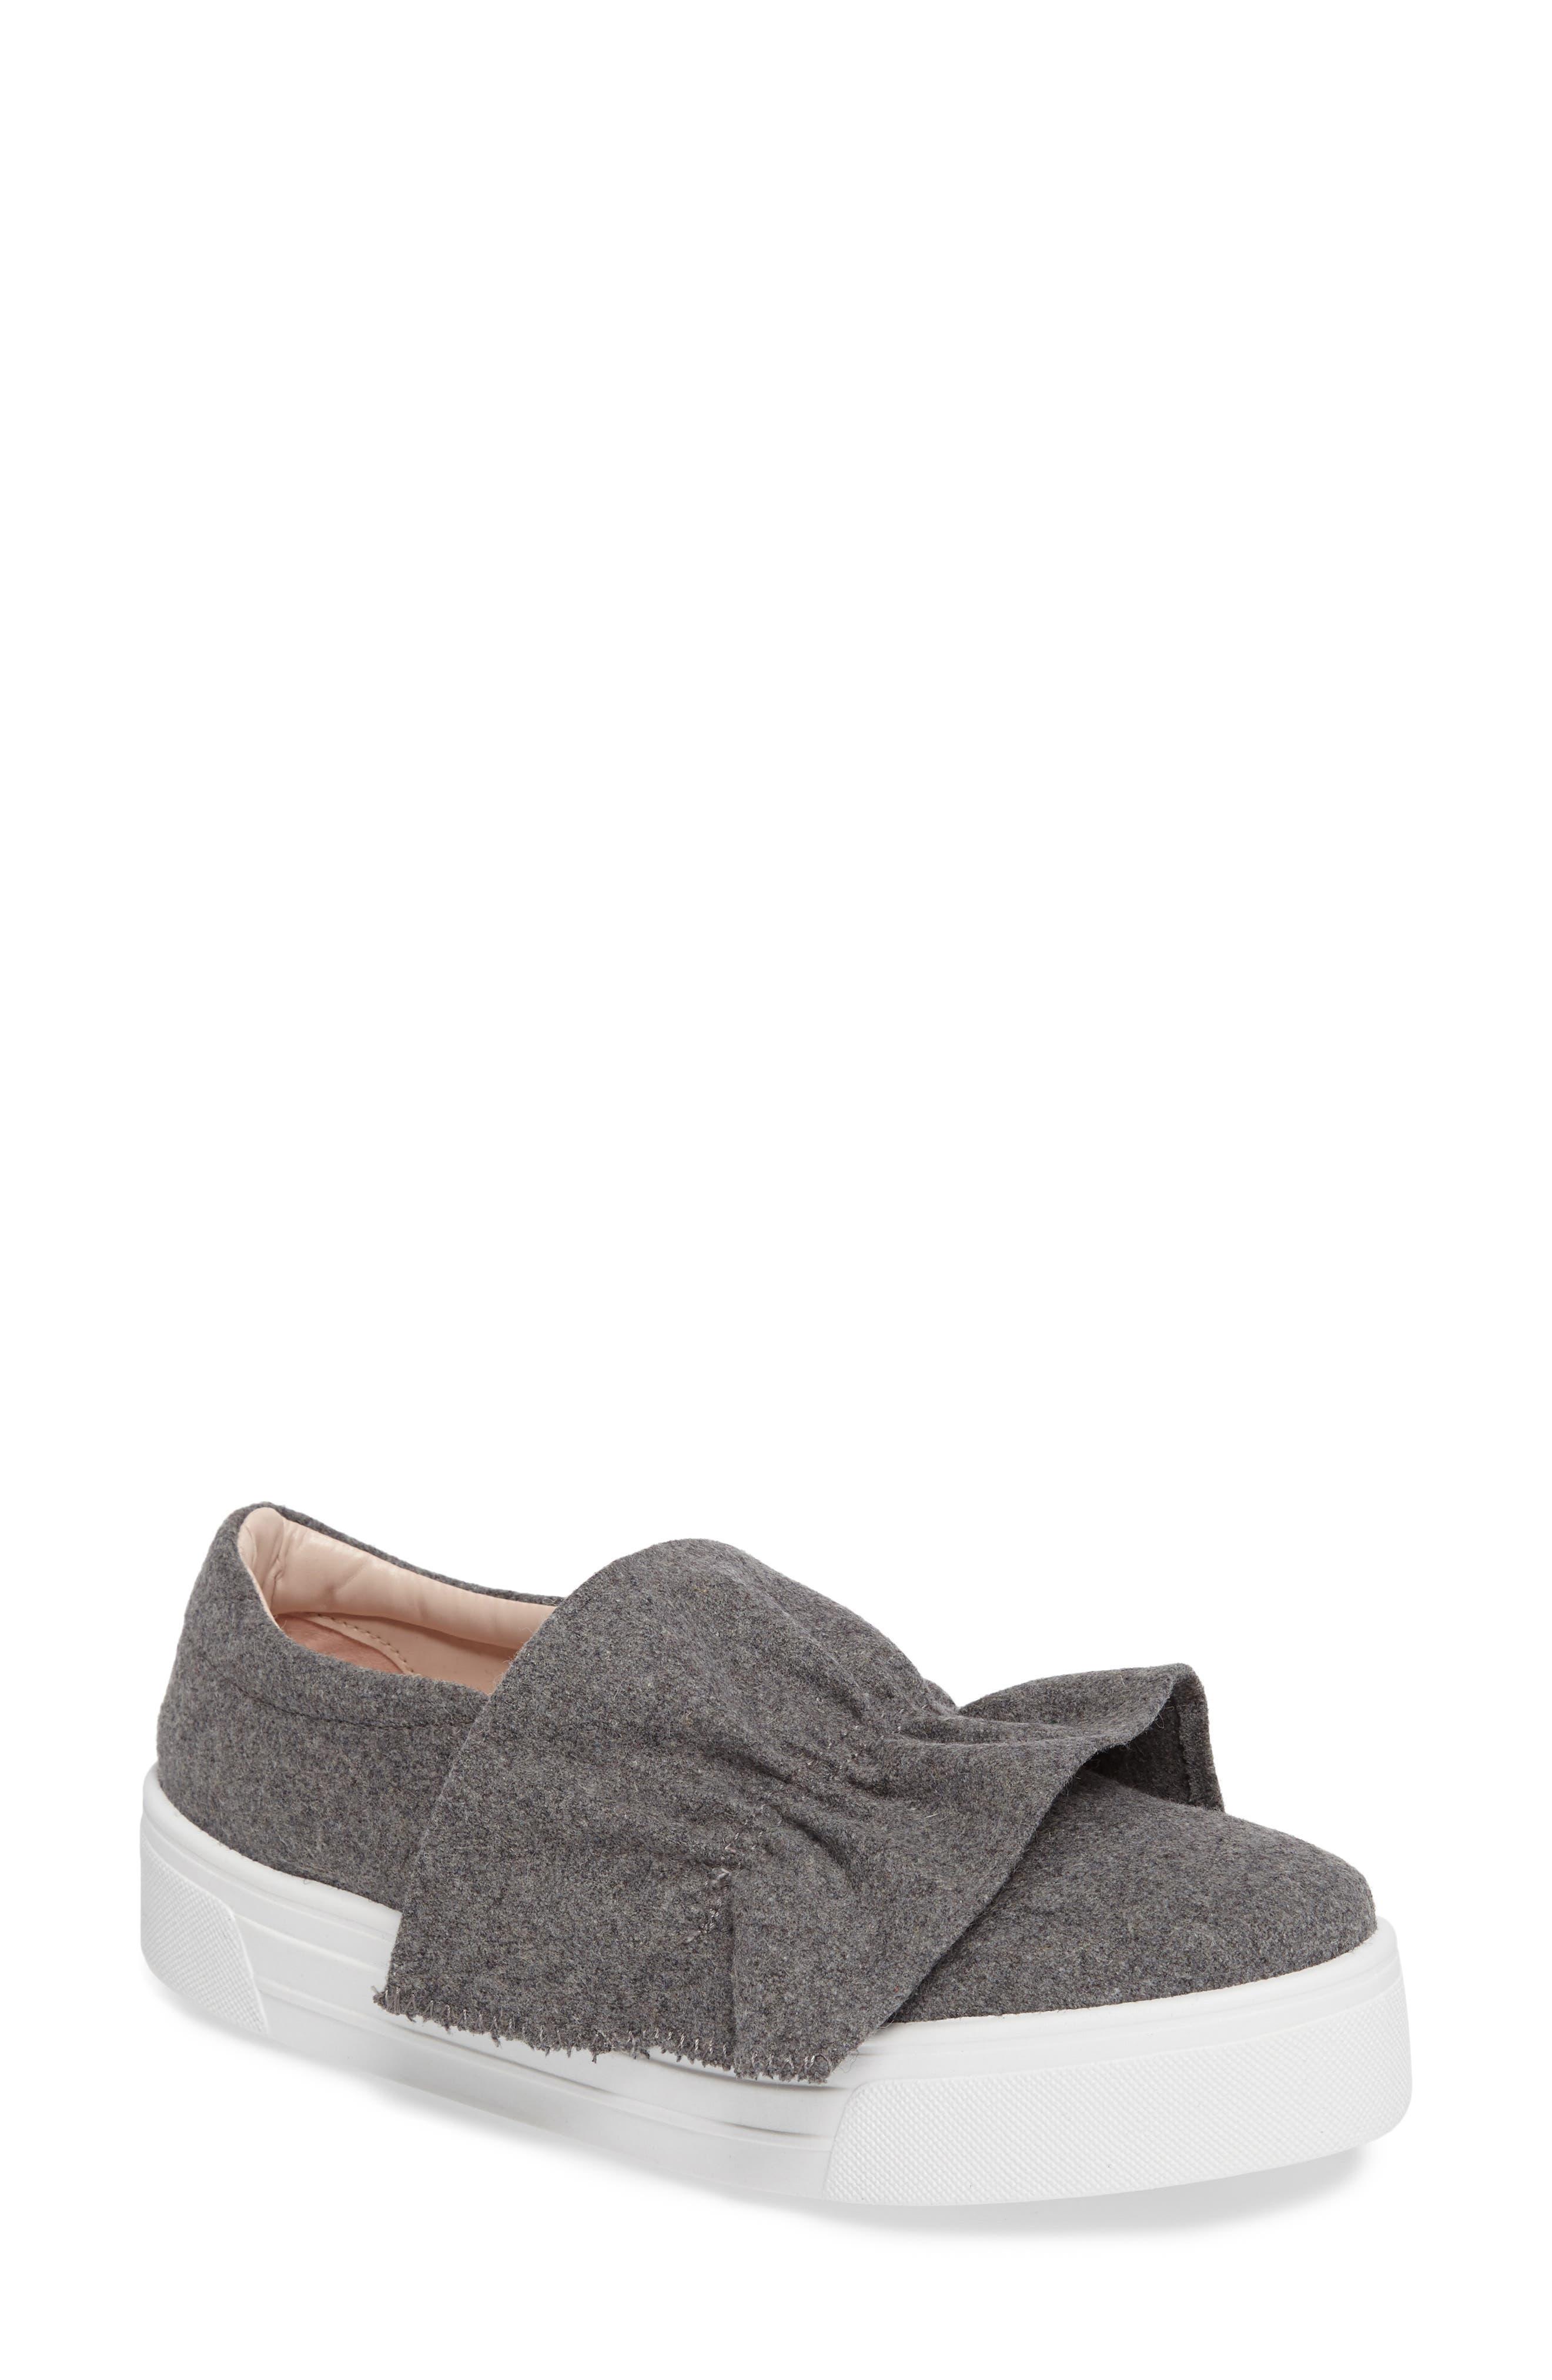 Topshop Tawny Ruffle Slip-On Sneaker (Women)